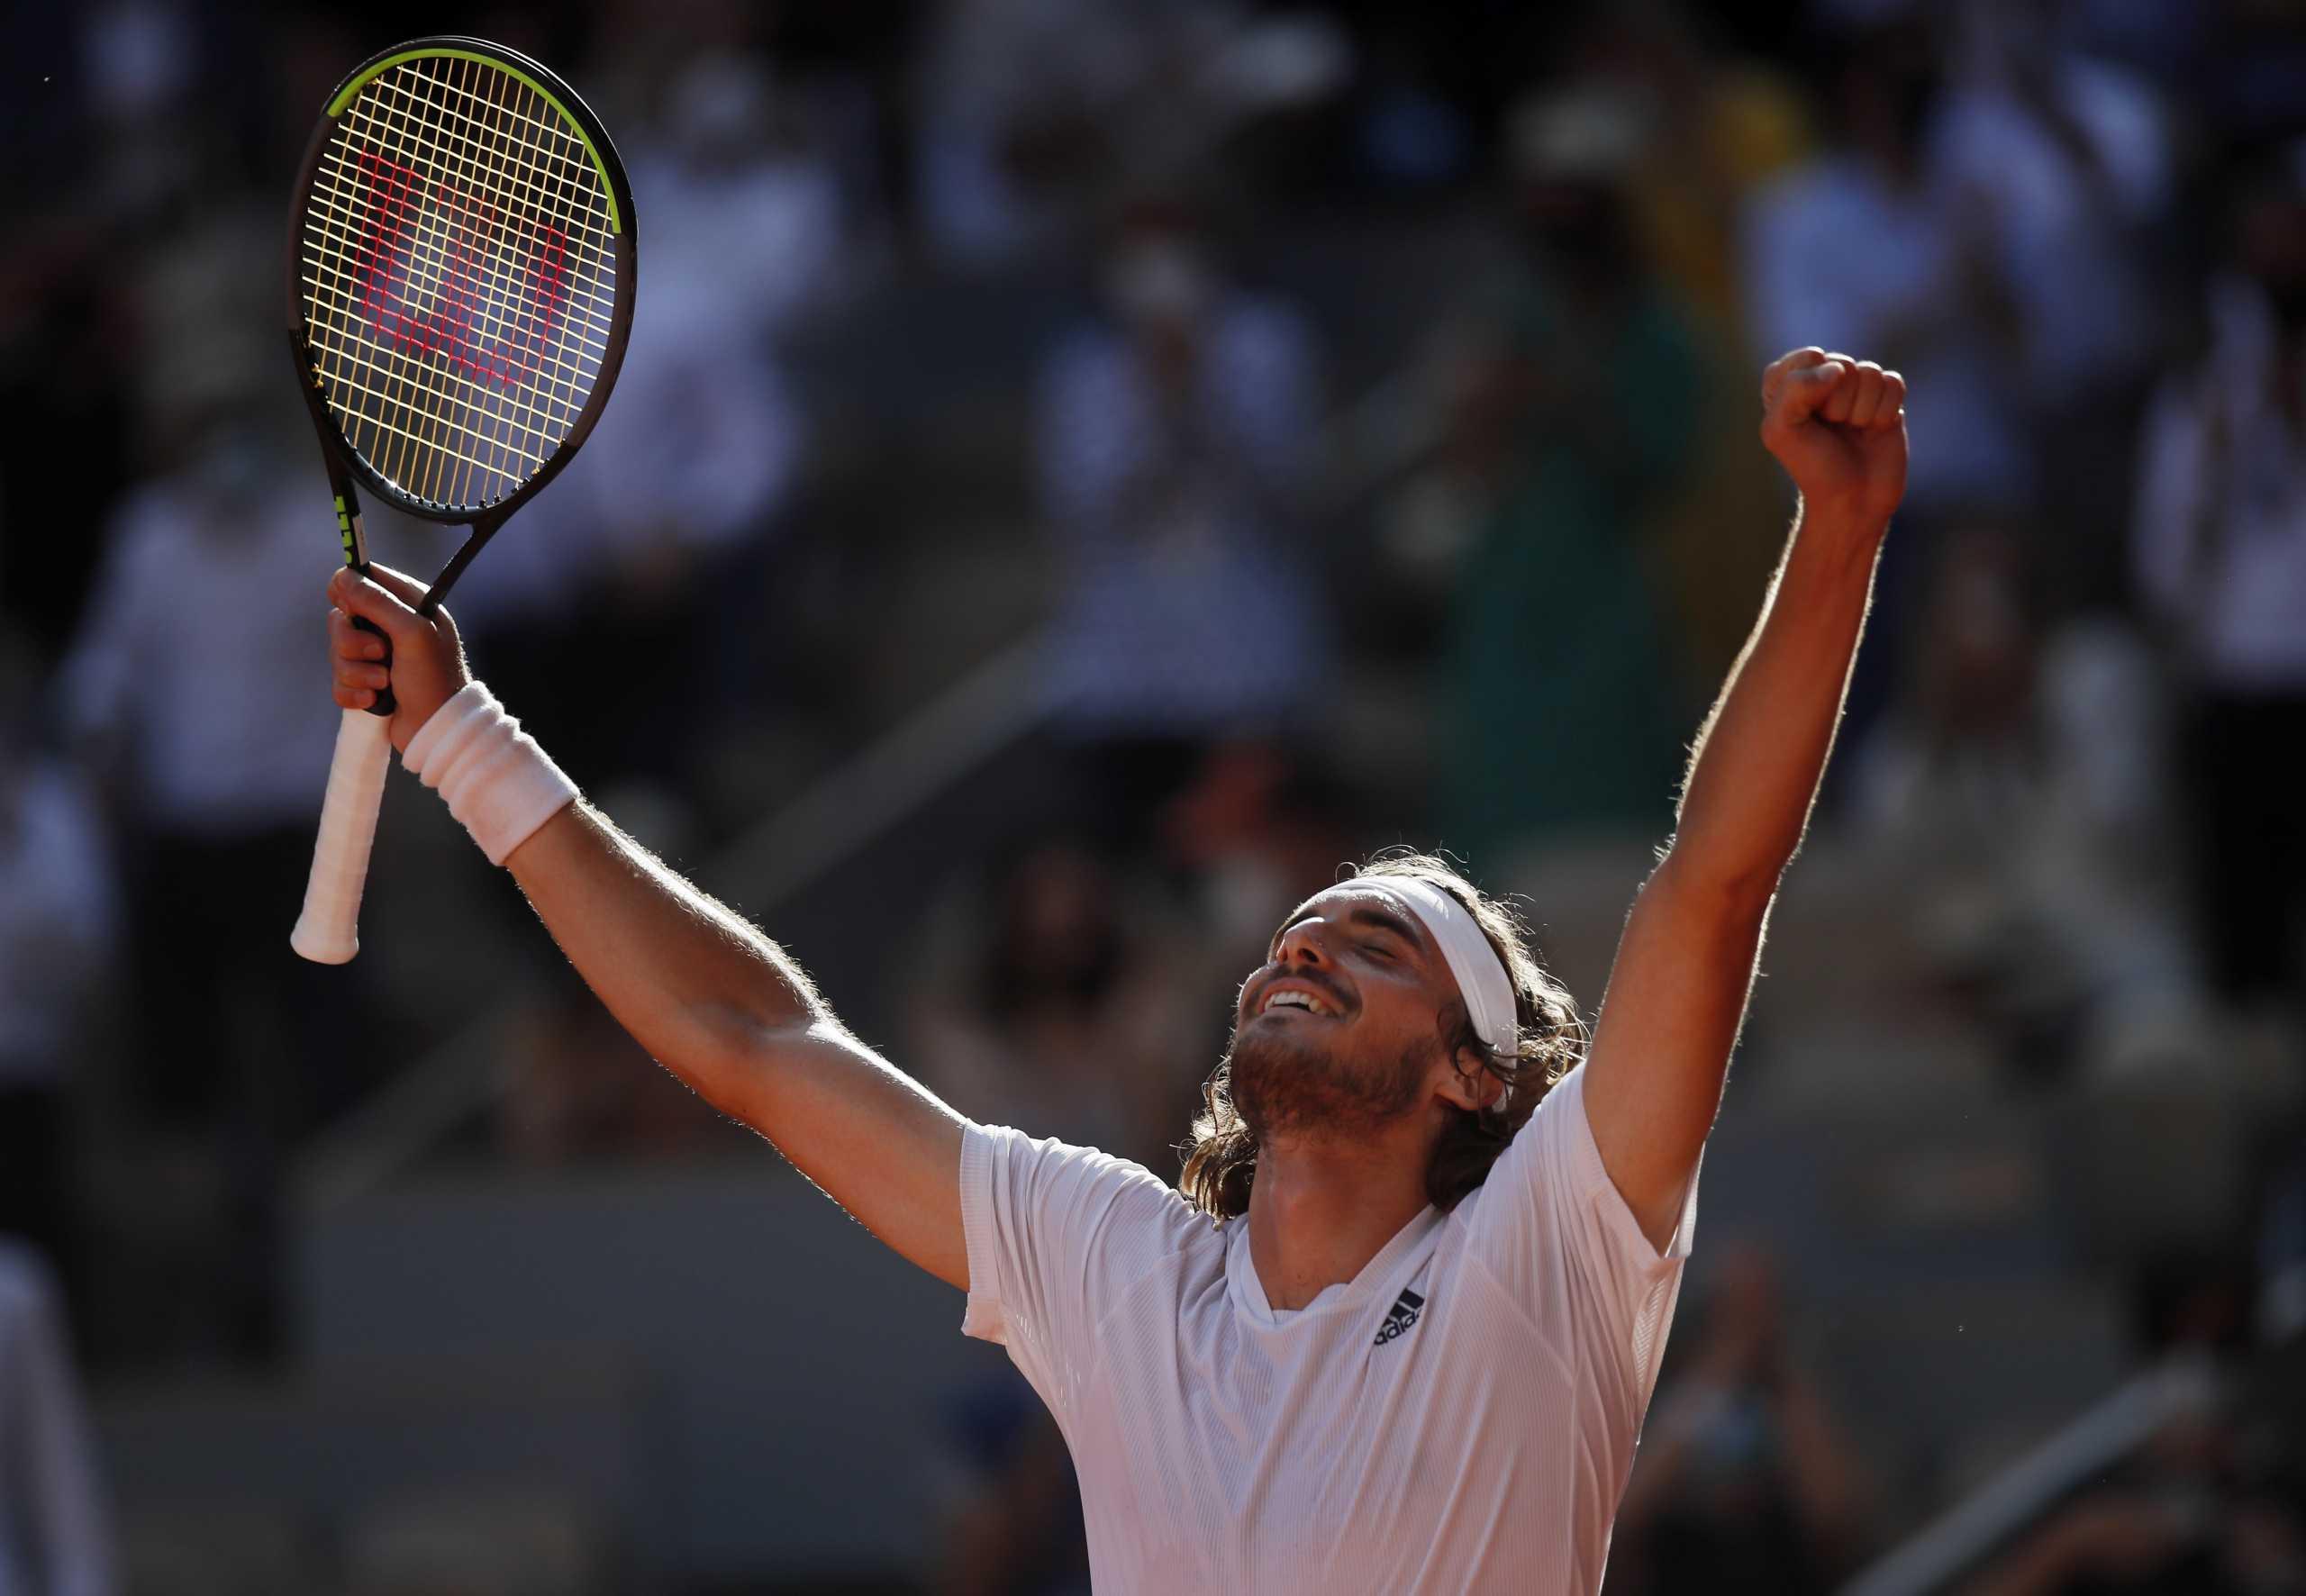 Ο Στέφανος Τσιτσιπάς «λύγισε» με 3-2 σετ τον Ζβέρεφ και είναι στον τελικό του Roland Garros